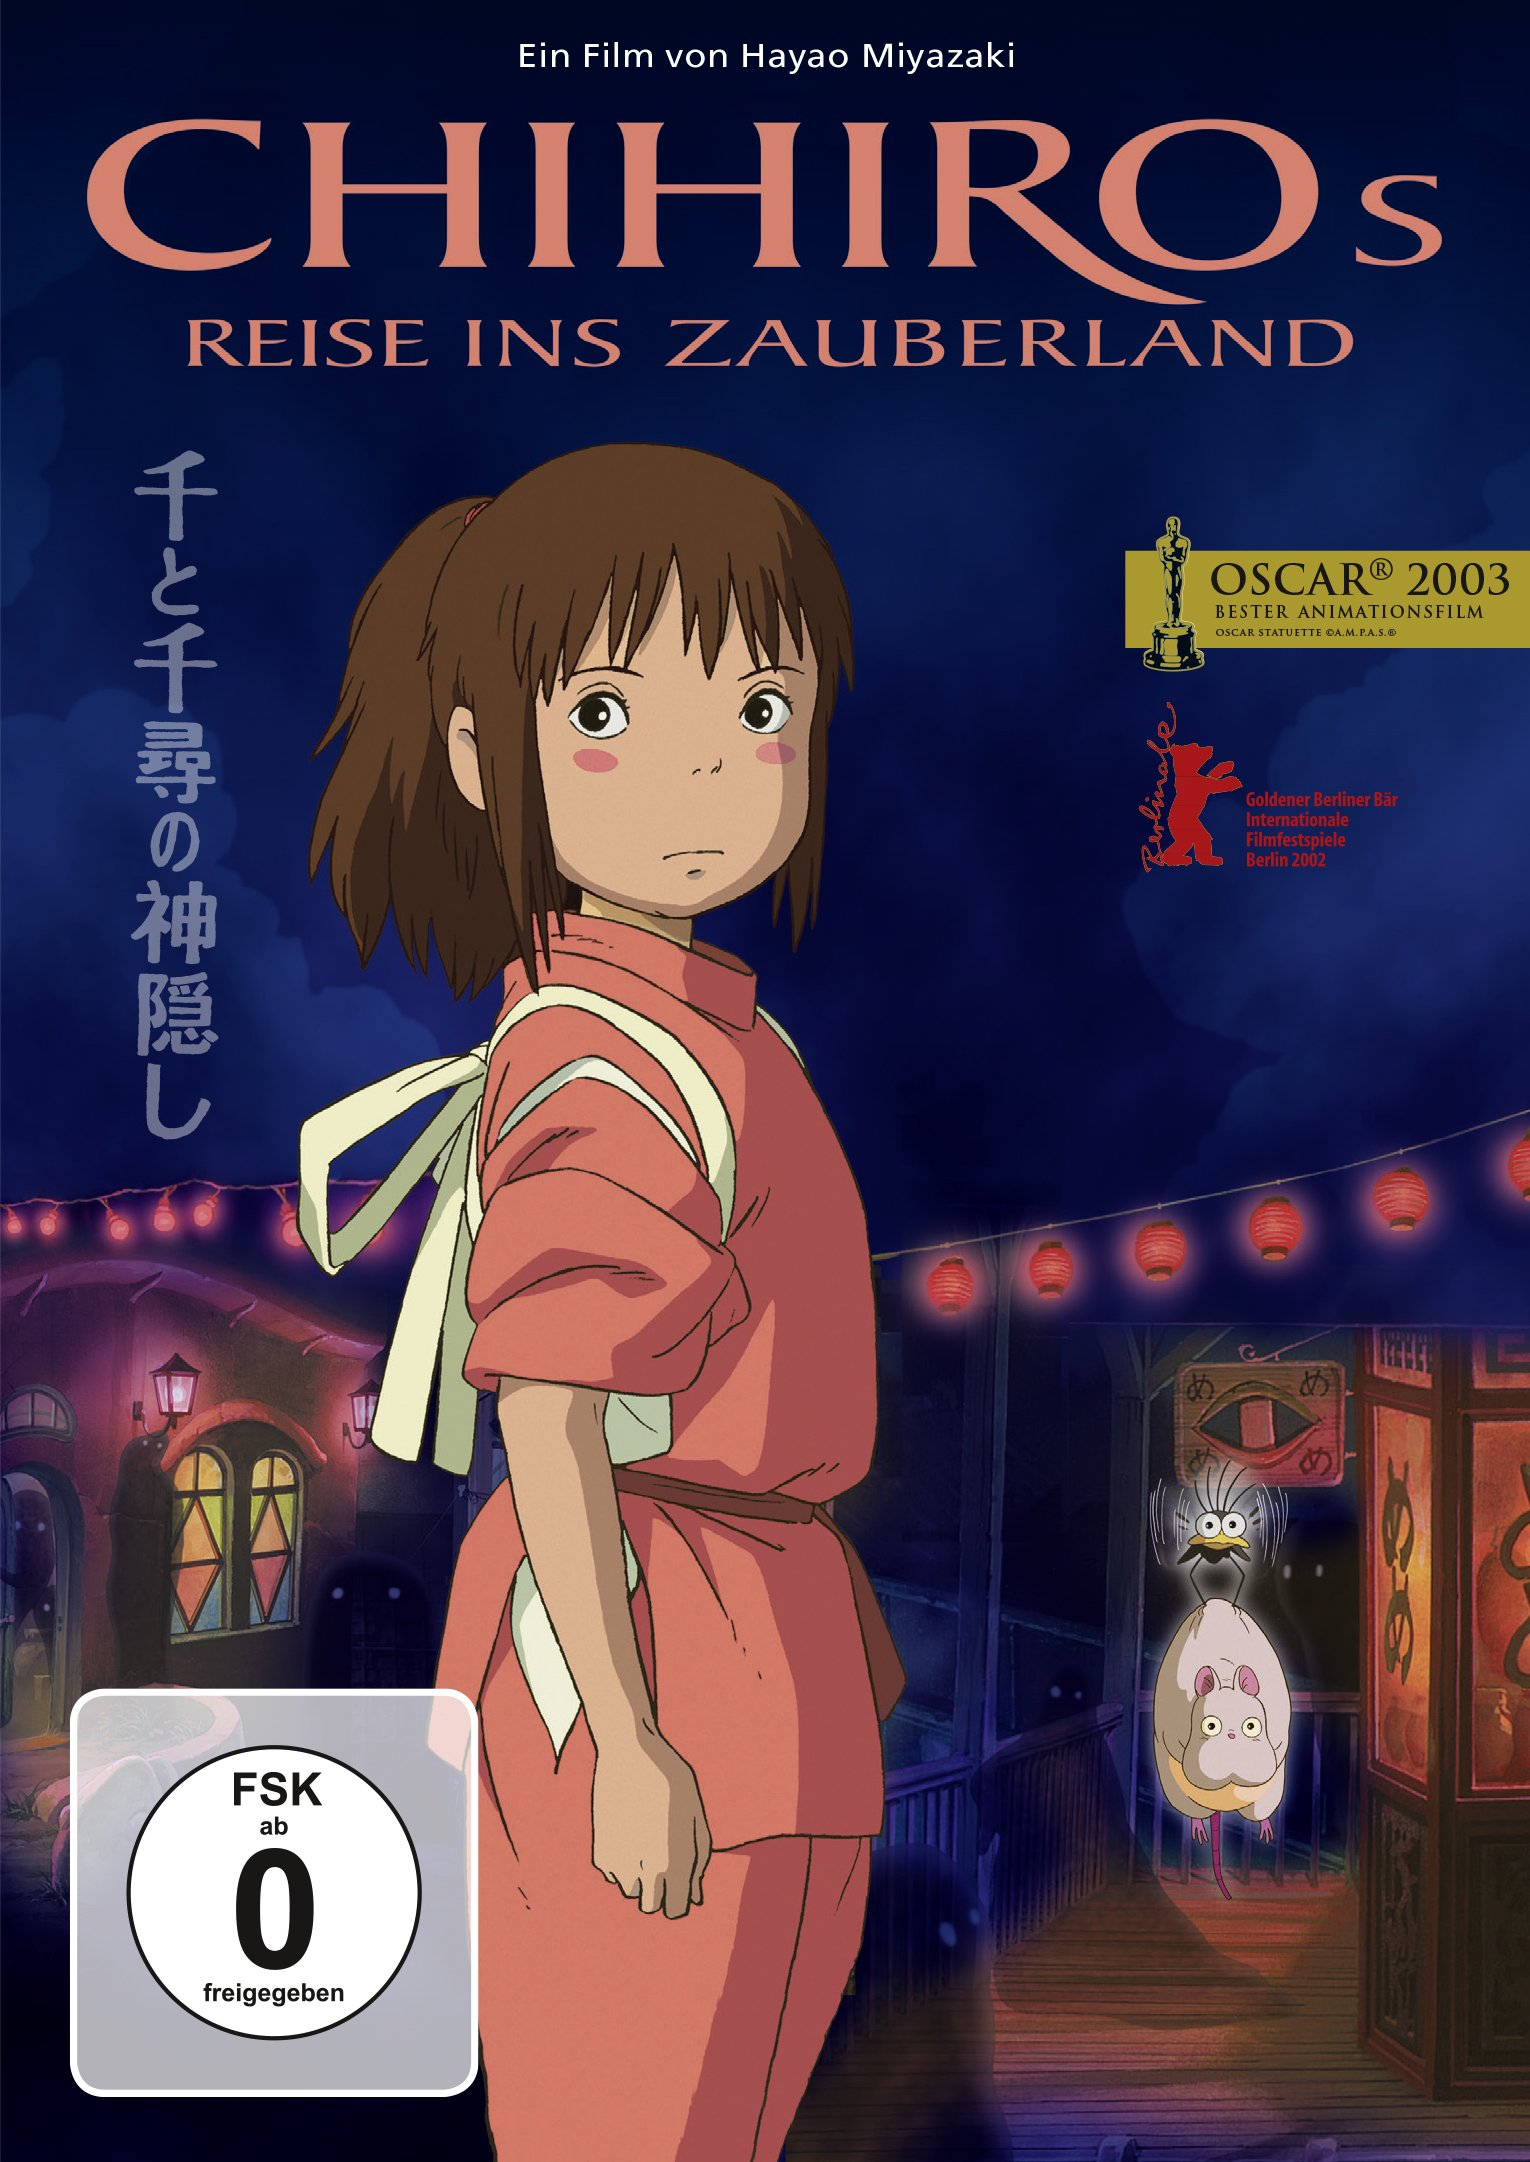 karate kid ganzer film deutsch